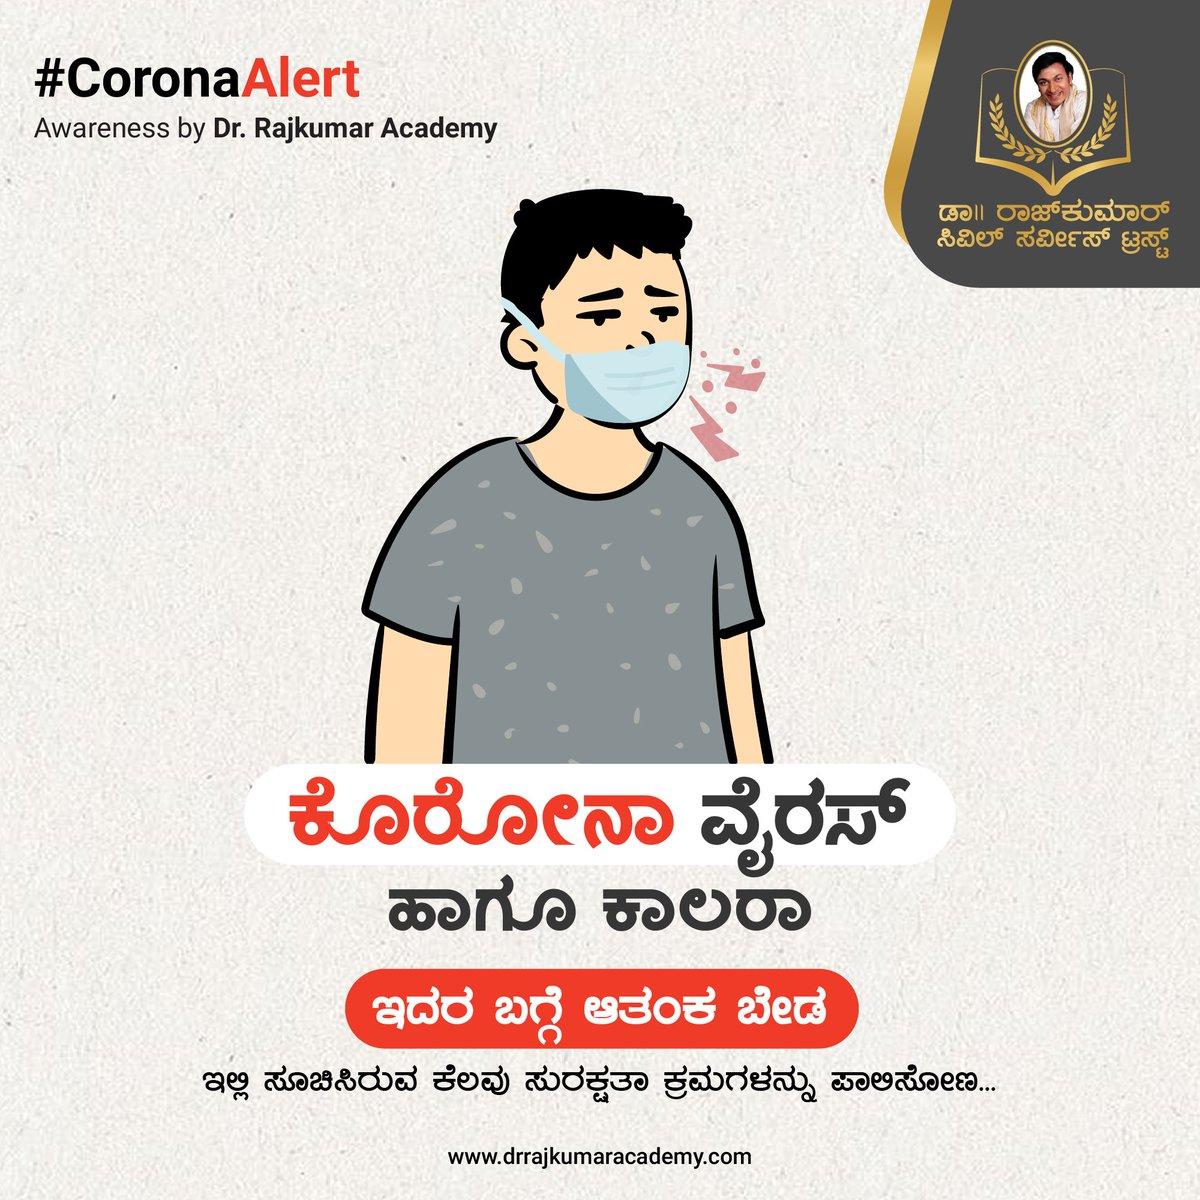 ಕೊರೊನಾ ವೈರಸ್ ಹಾಗೂ ಕಾಲರಾ ಭೀತಿ ಬೇಡ. To raise awareness about Corona & Cholera, Dr. Rajkumar Academy is releasing an information booklet on the symptoms that cause the Virus & how to best protect yourself against it.  Share this info with your friends & family. #DrRajkumarAcademy